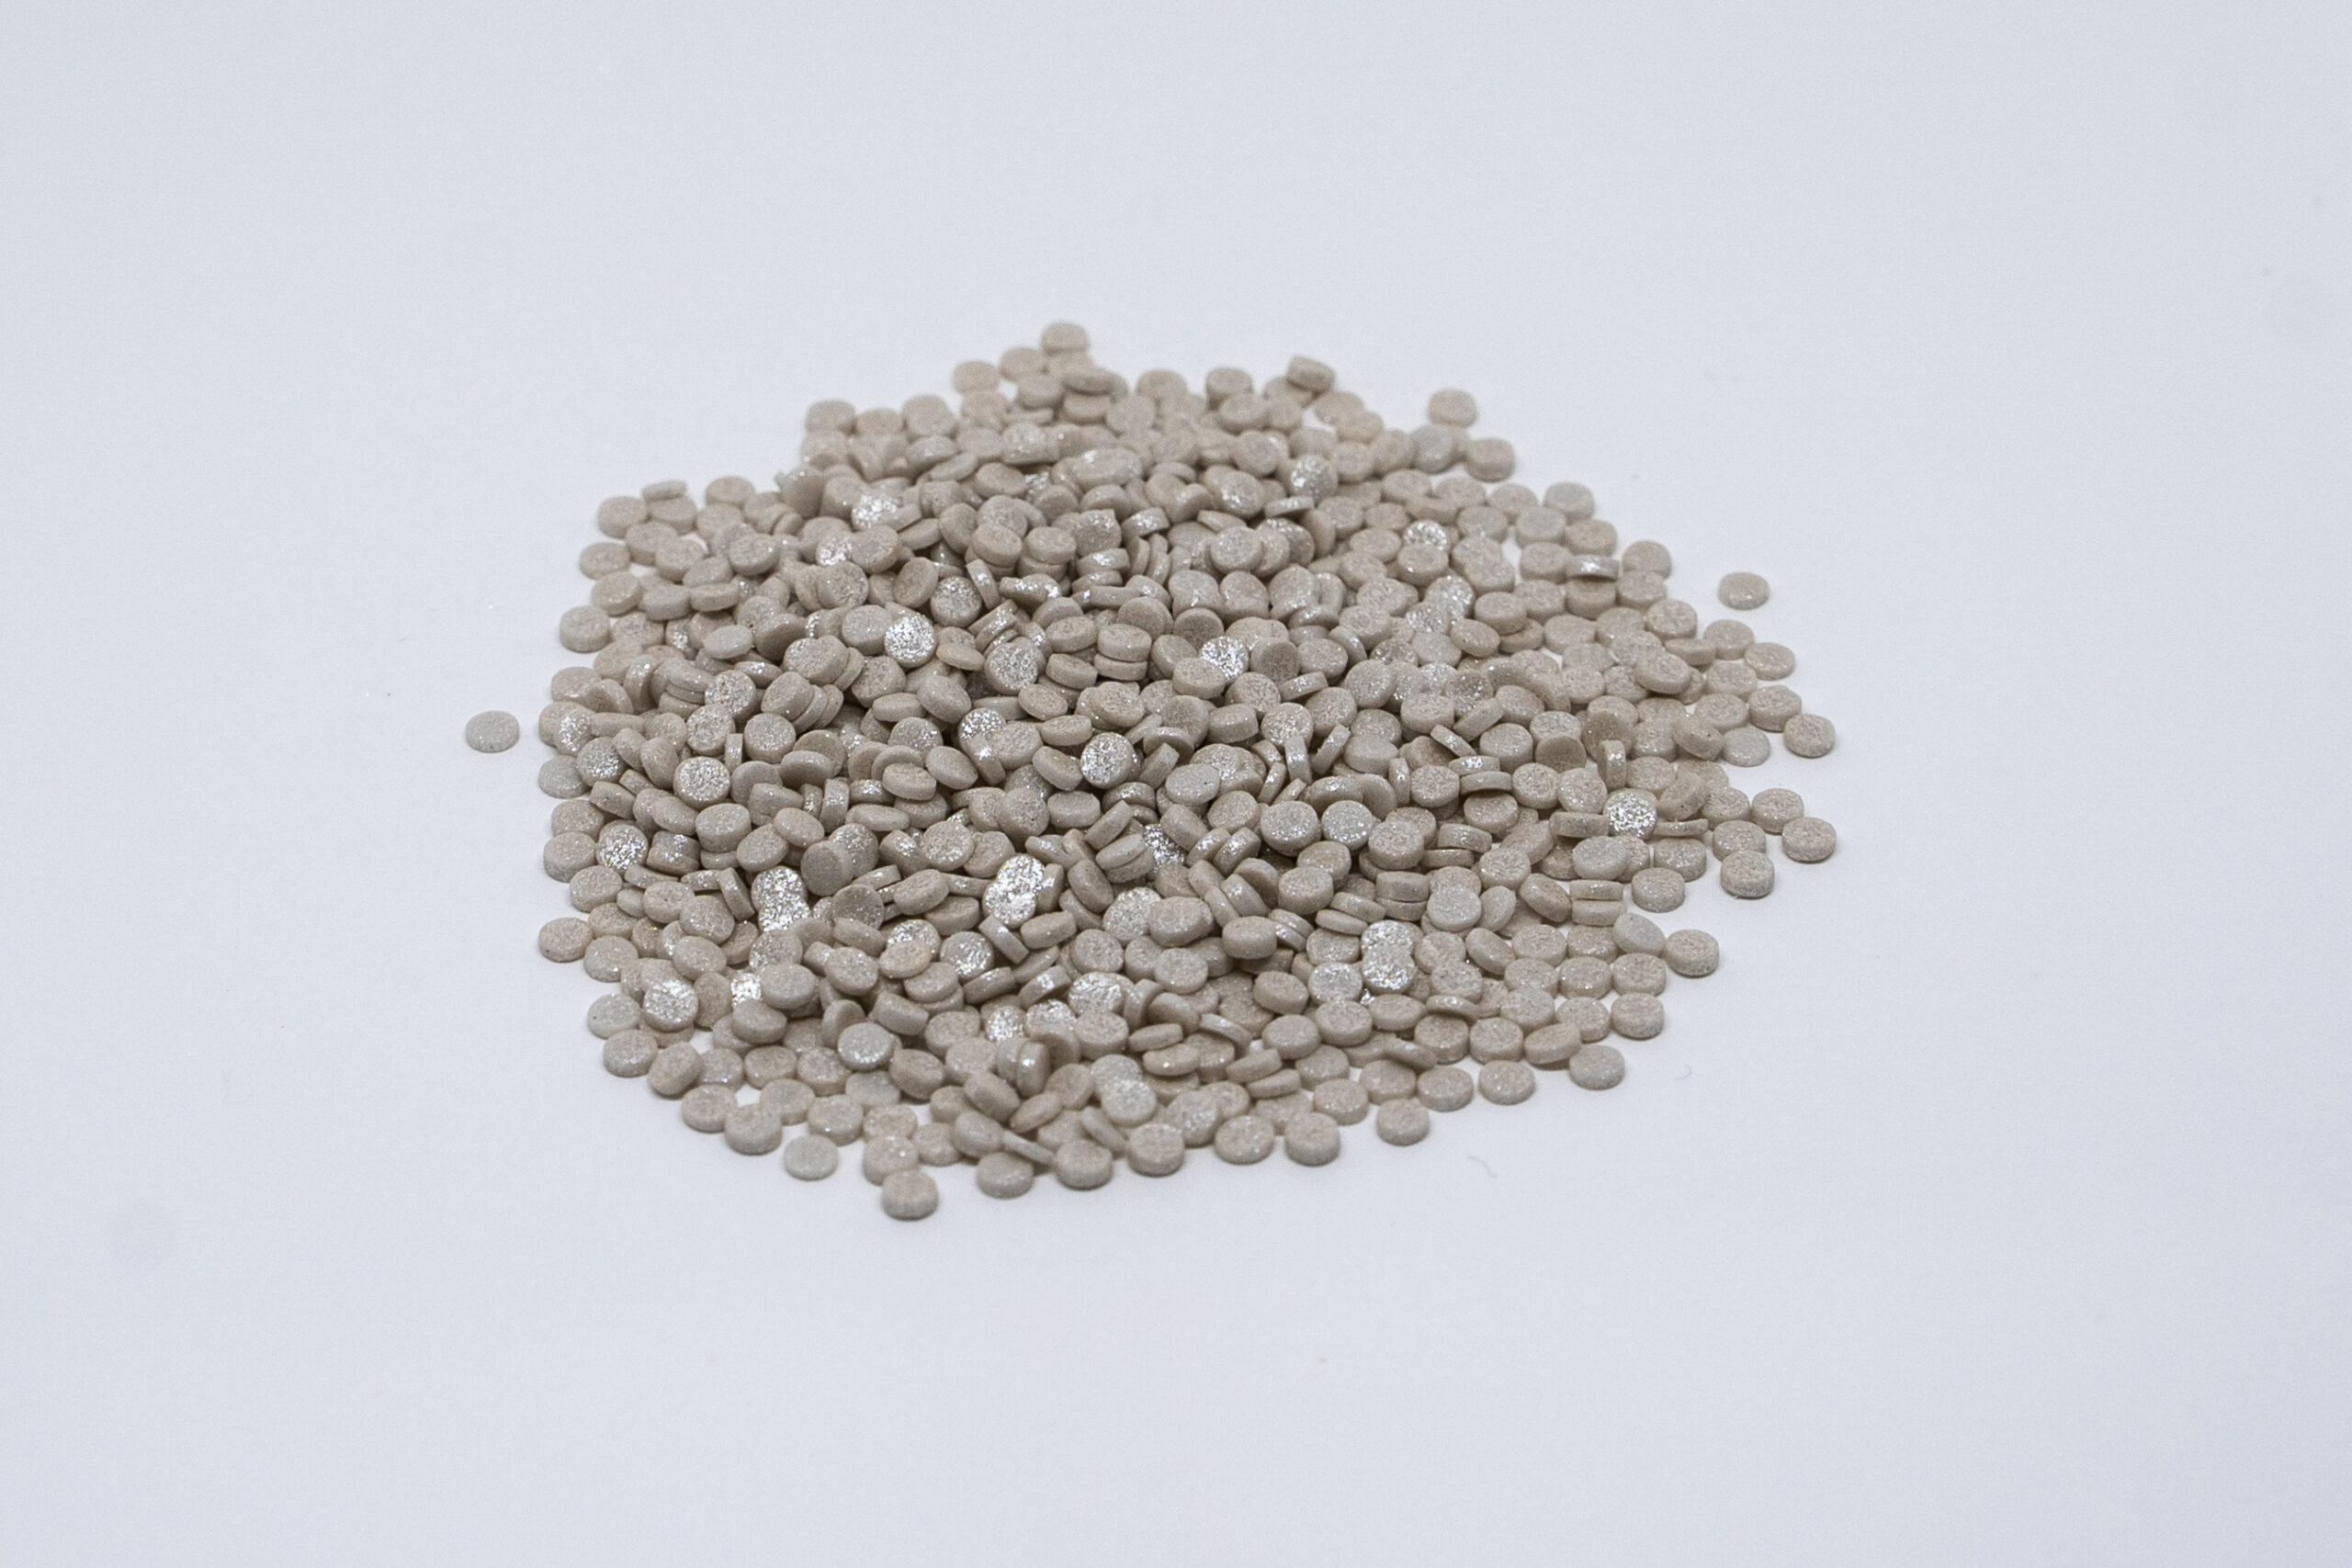 Silver confeti